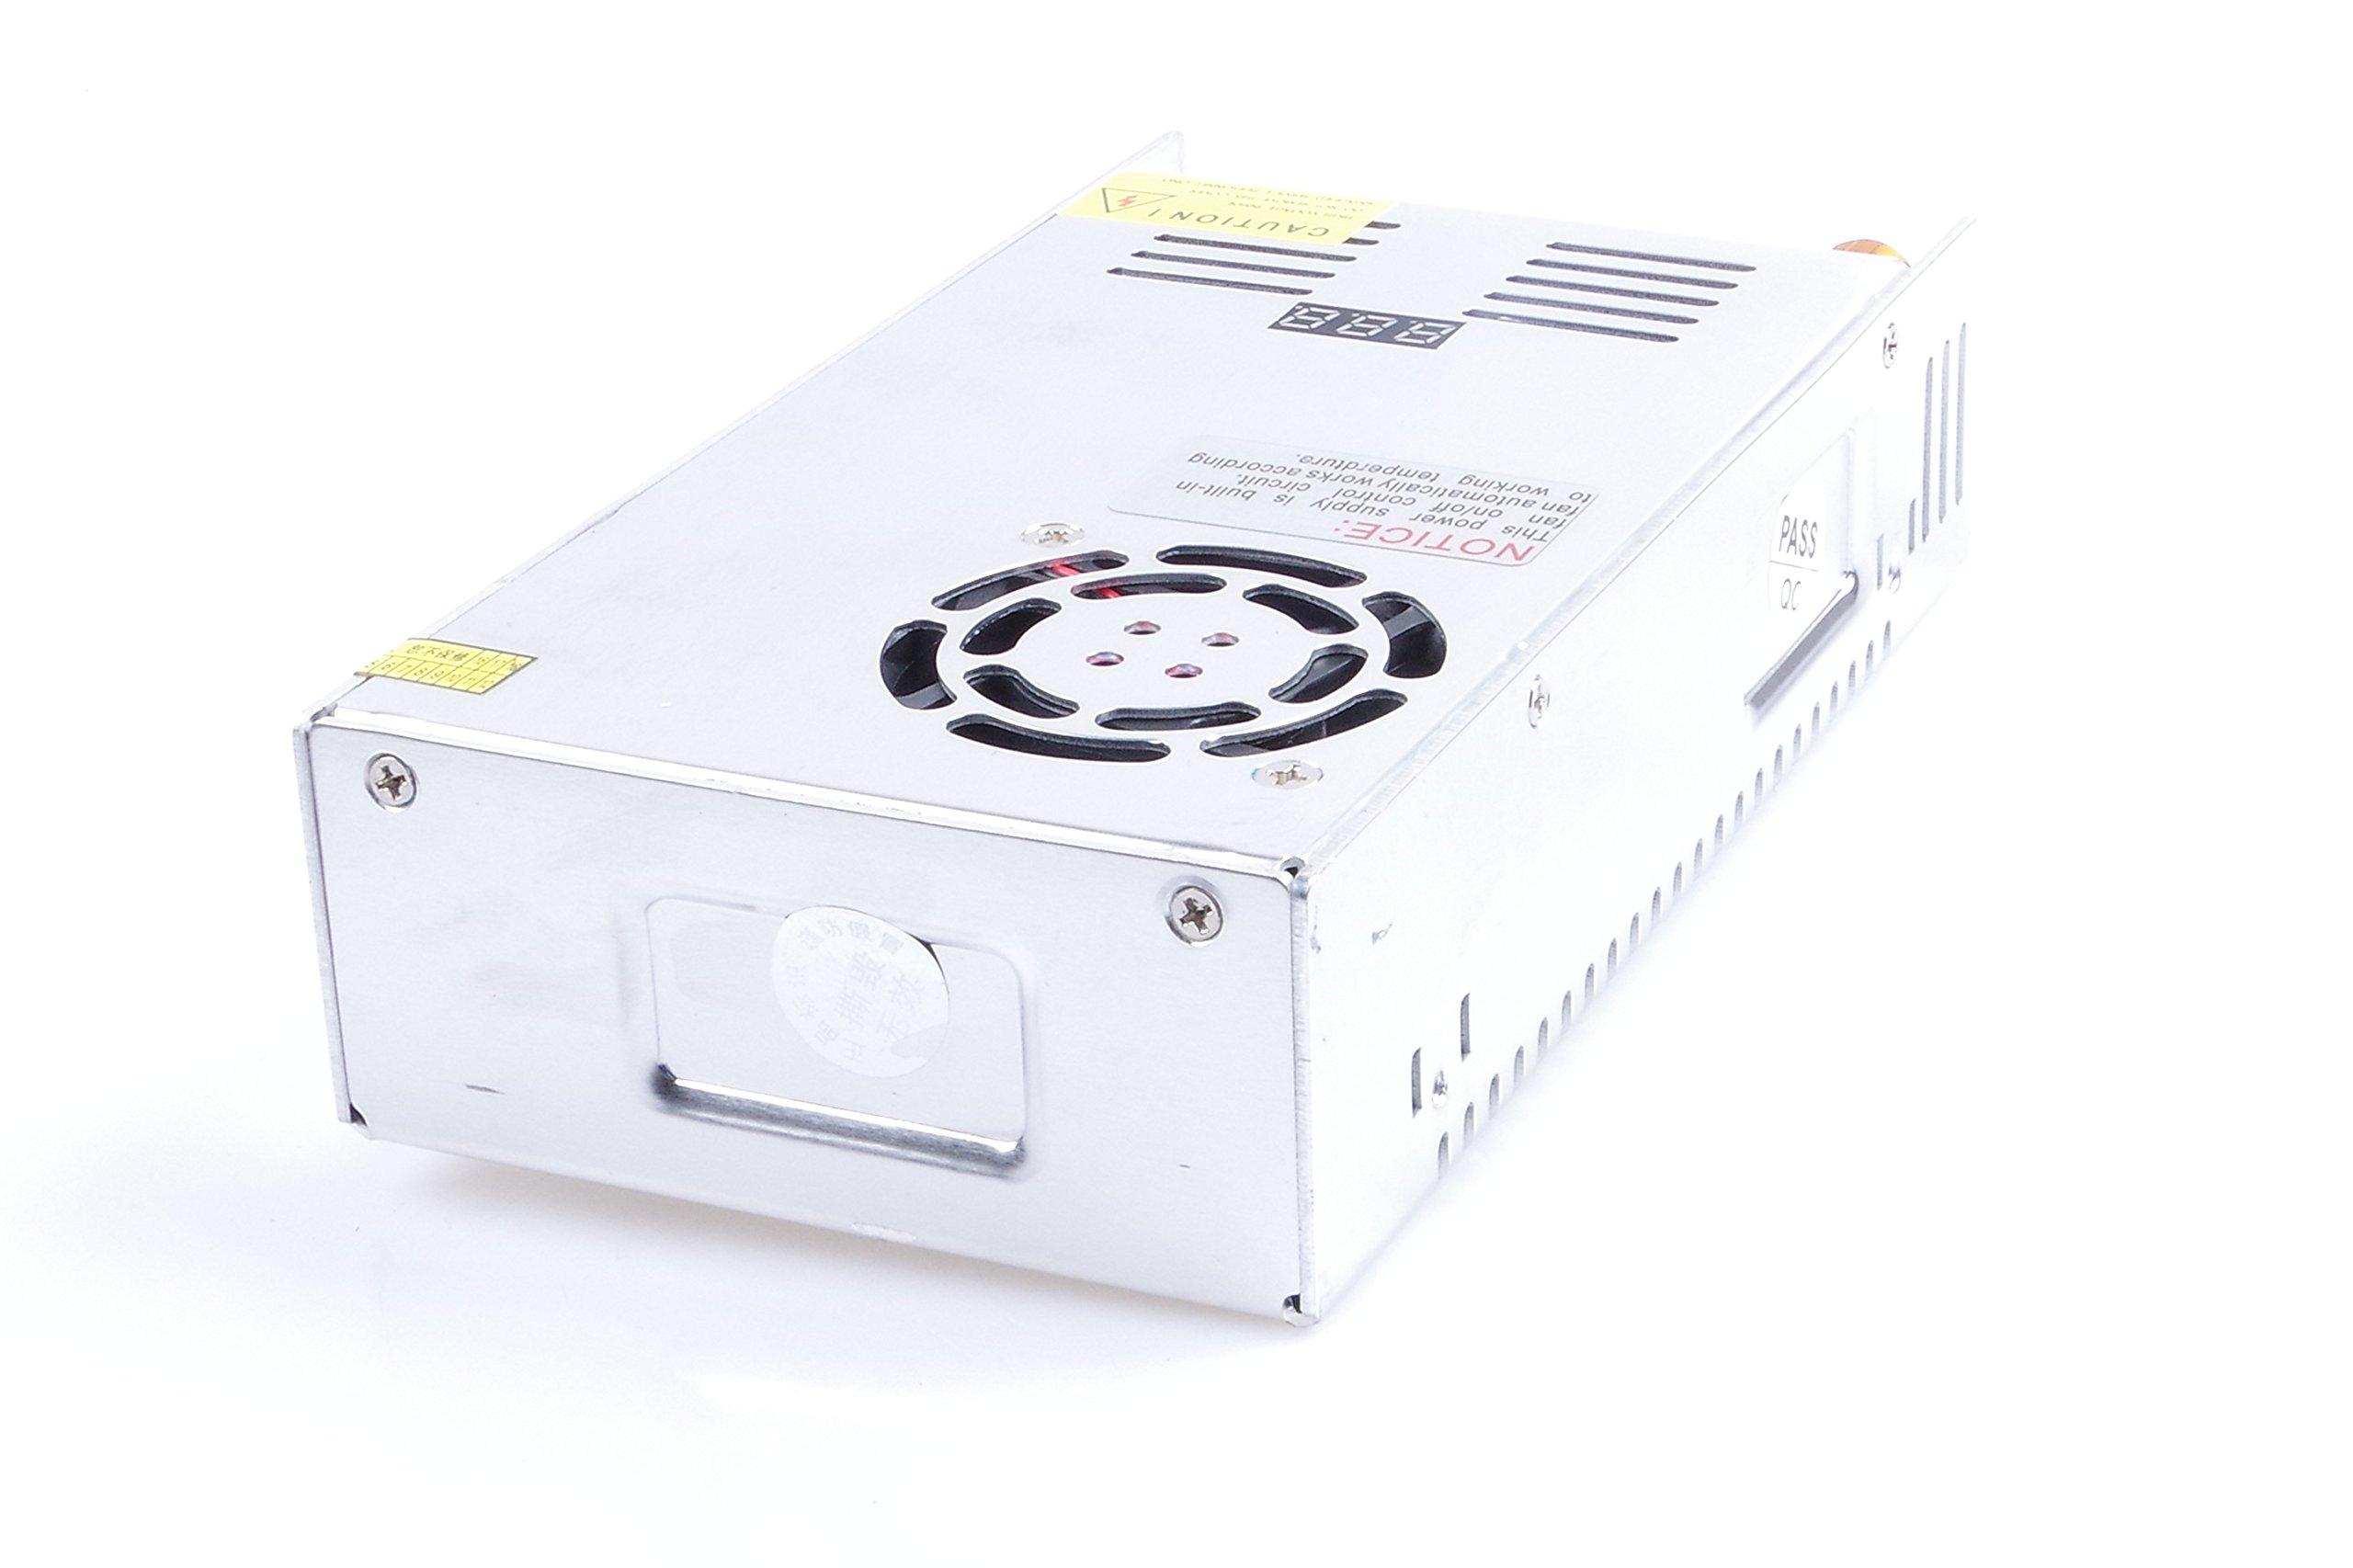 Adjustable DC Power Voltage Converter AC 110V-220V to DC 0-80V Module 80V 6A Switching Power Supply Digital Display 480W Voltage Regulator Transformer Built in Cooling Fan (DC 0-80V 6A) by TOFKE (Image #6)